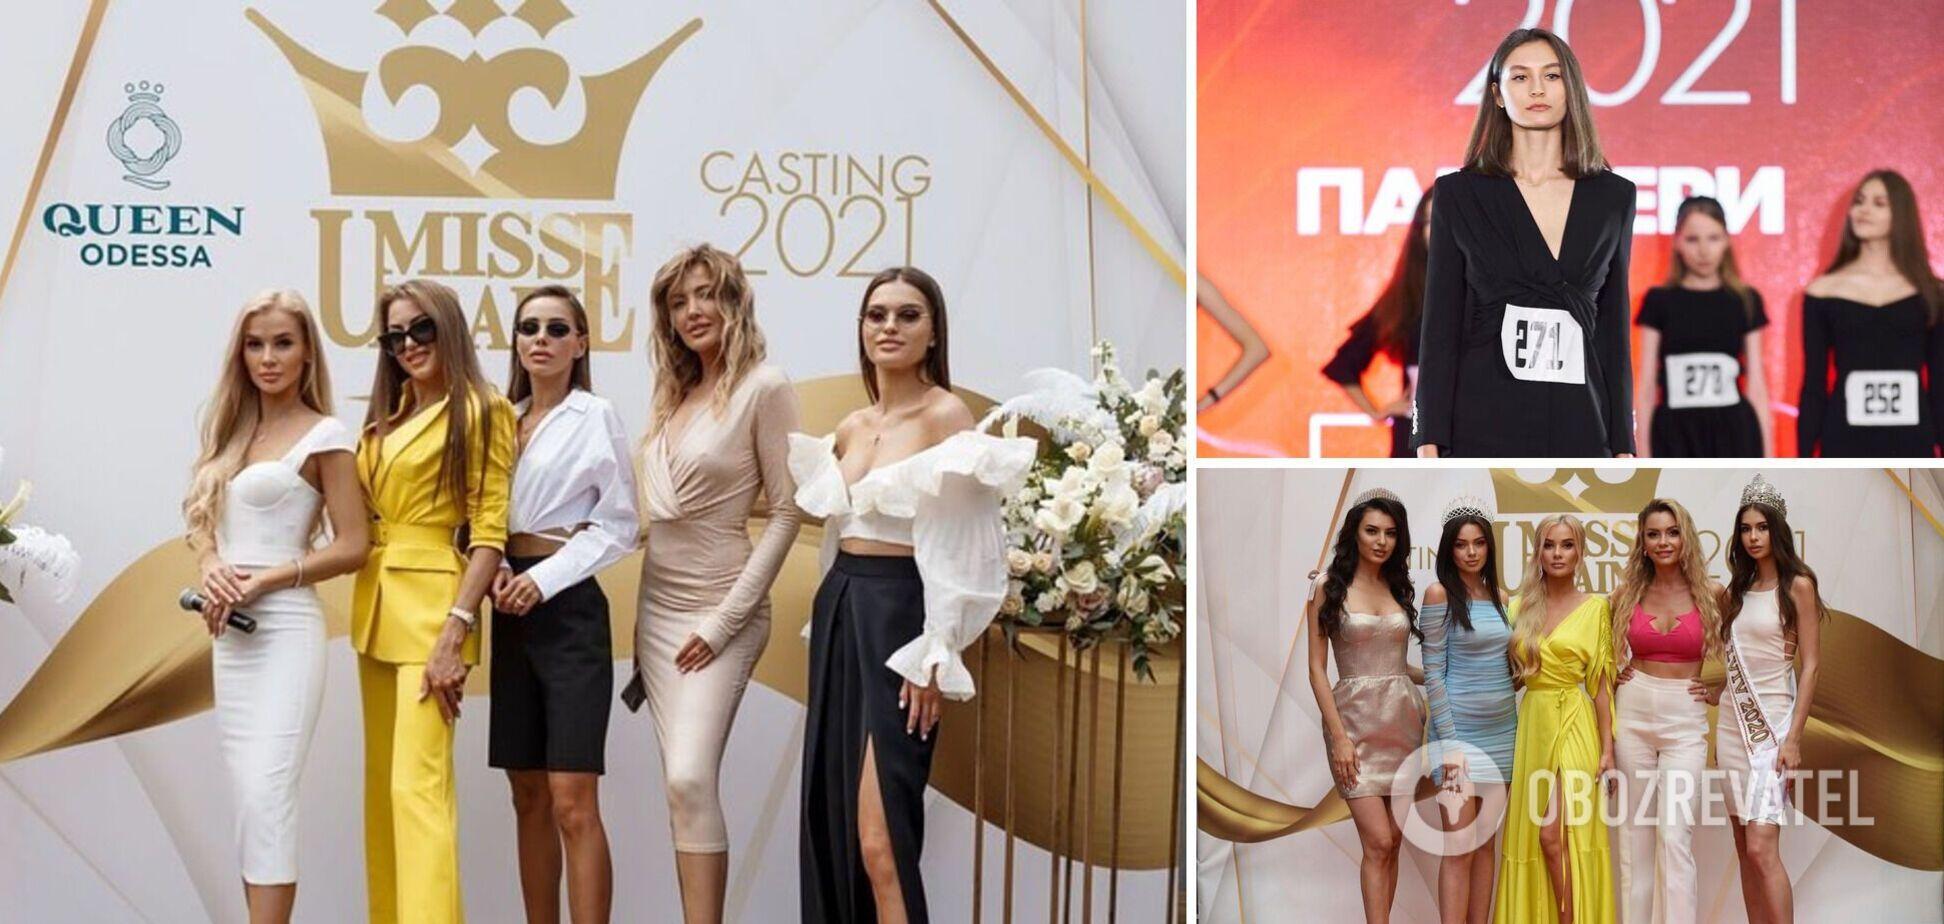 'Міс Україна 2021' отримає корону за 3 млн доларів: як виглядає прикраса. Фото